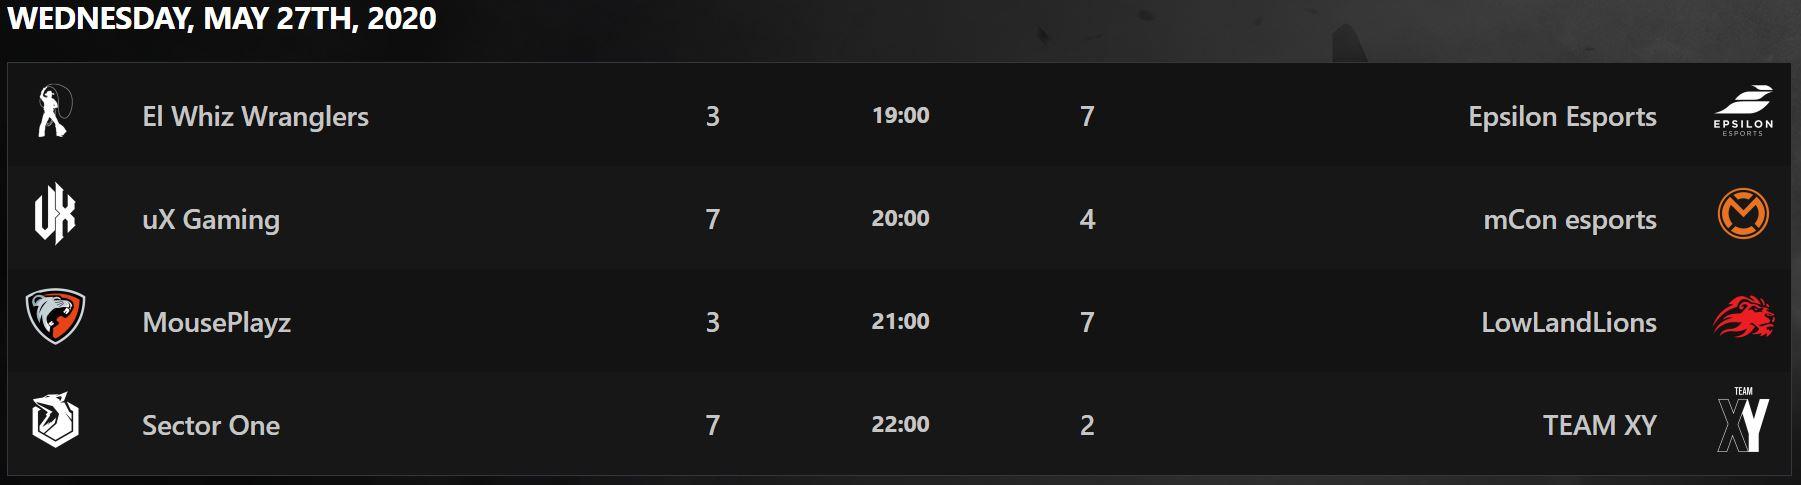 Rainbow Six Siege Benelux League Schedule Mercredi 27 mai